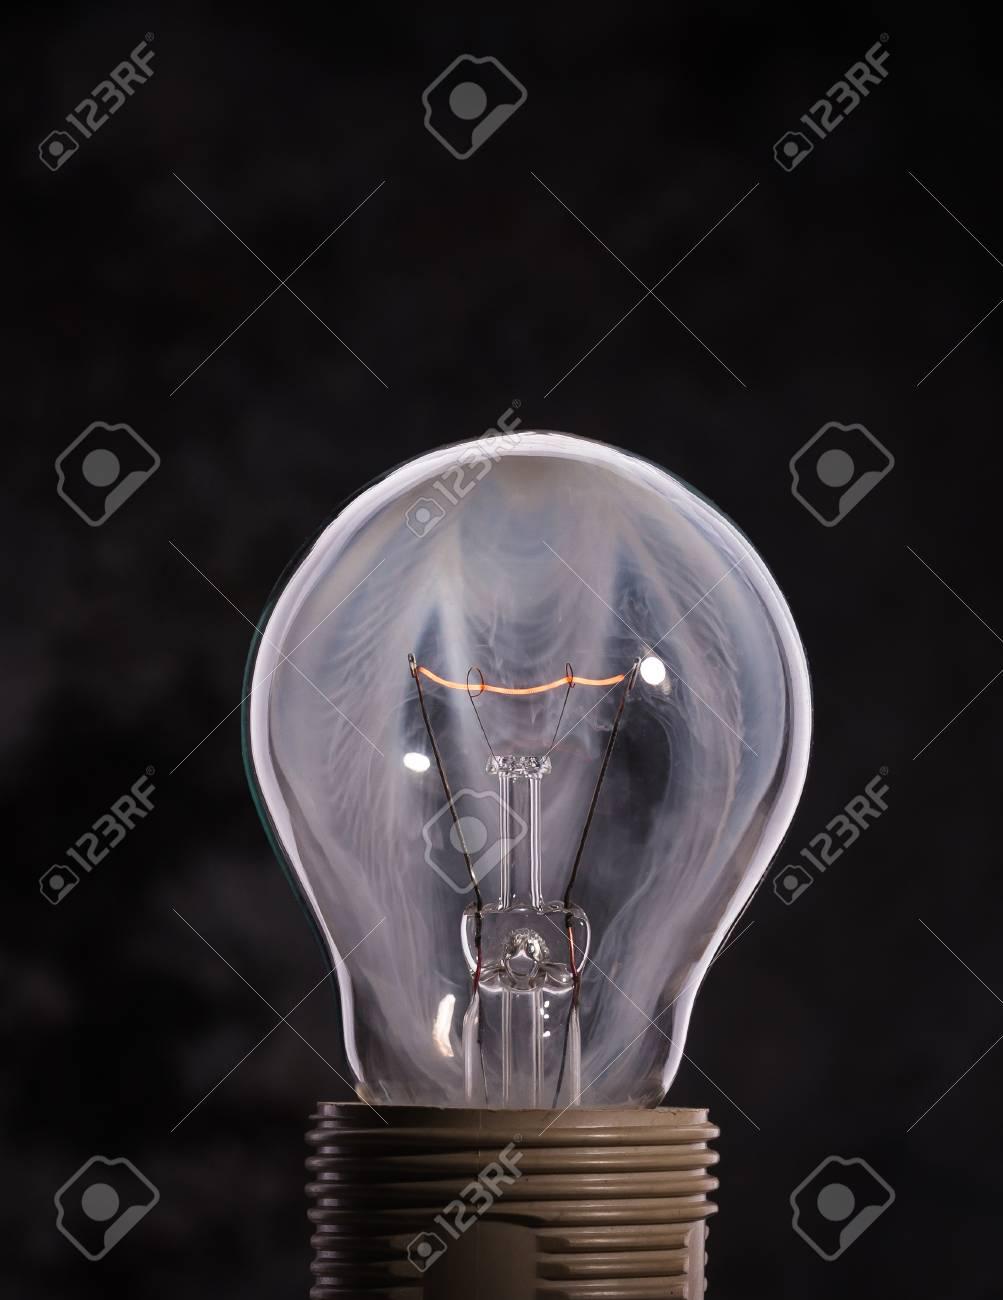 Großzügig Ist Weißer Draht Heiß Fotos - Elektrische Schaltplan-Ideen ...